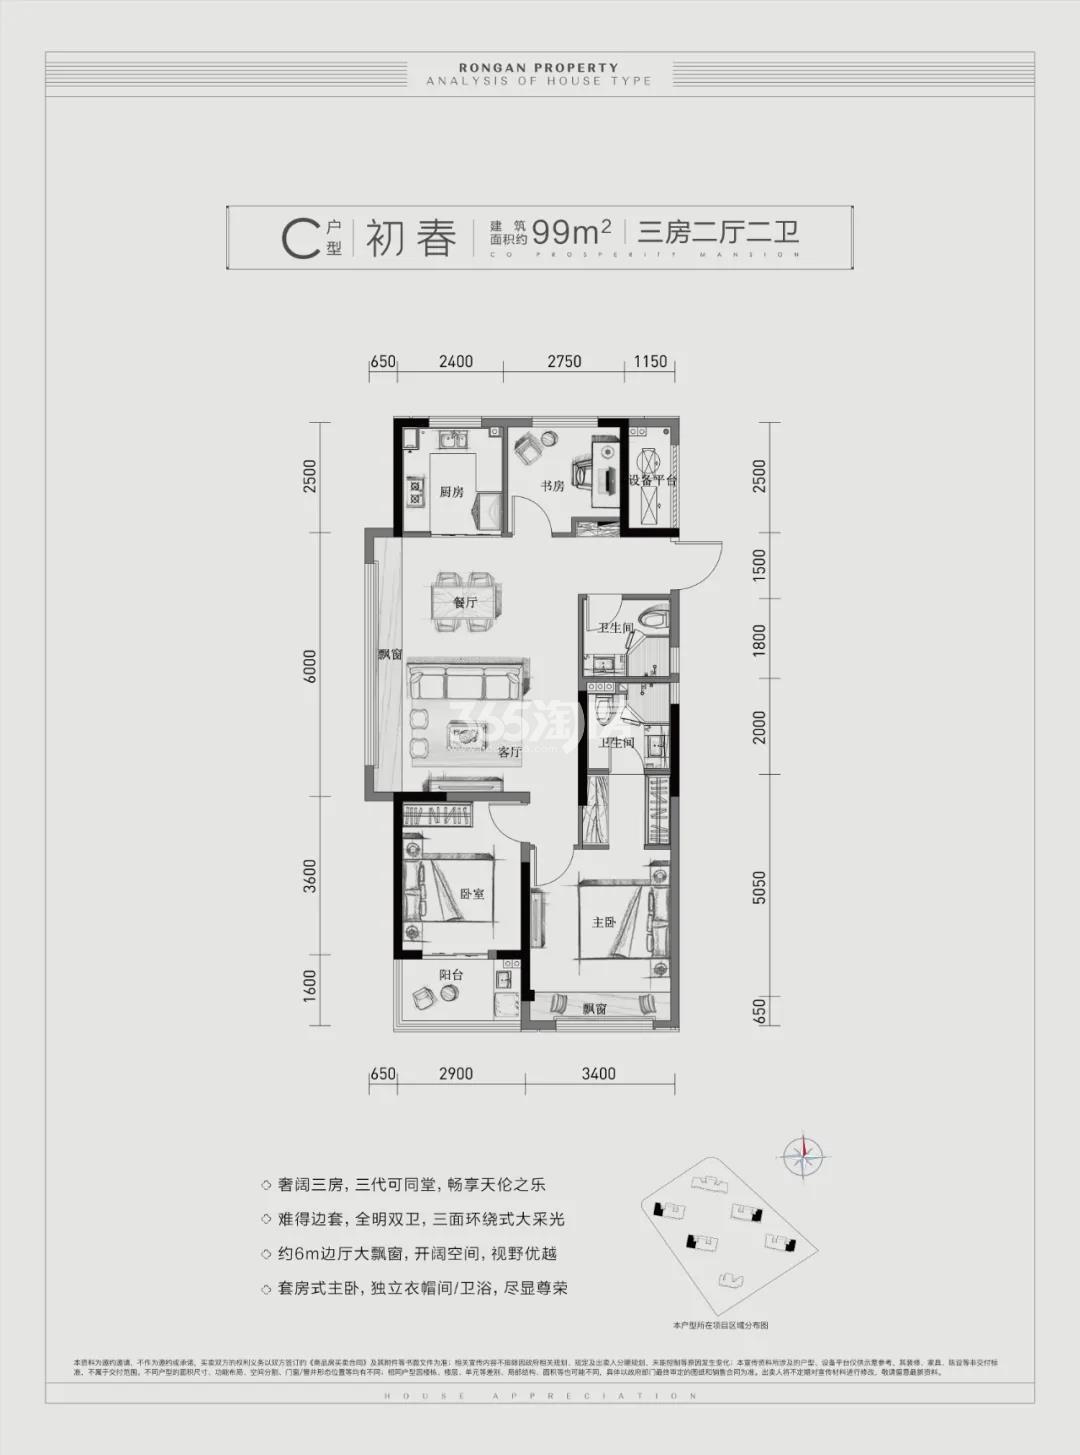 荣安春月杭宁府C户型约99㎡(1、3、4、6#)